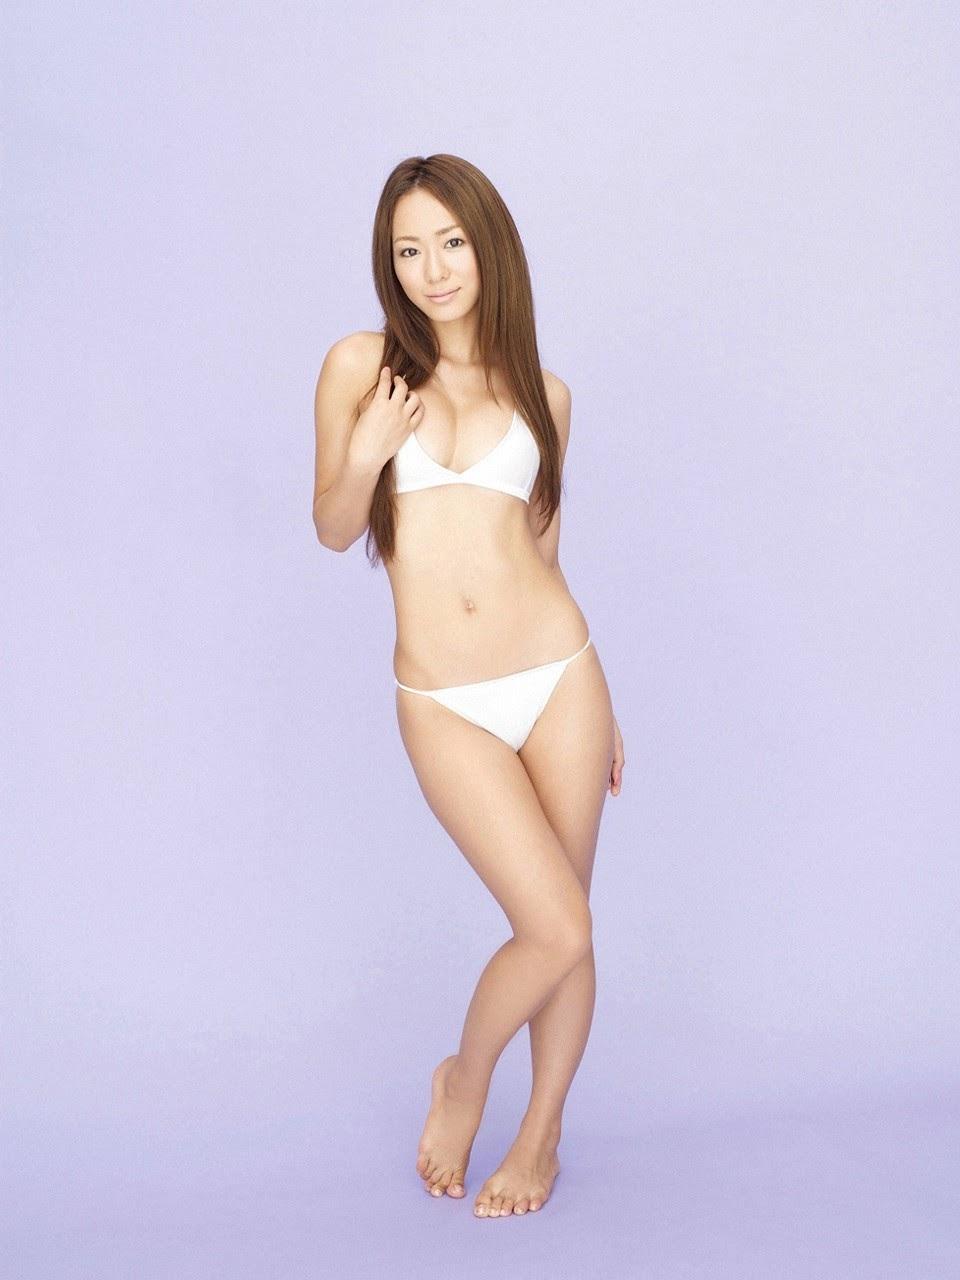 Bikini princessyr033